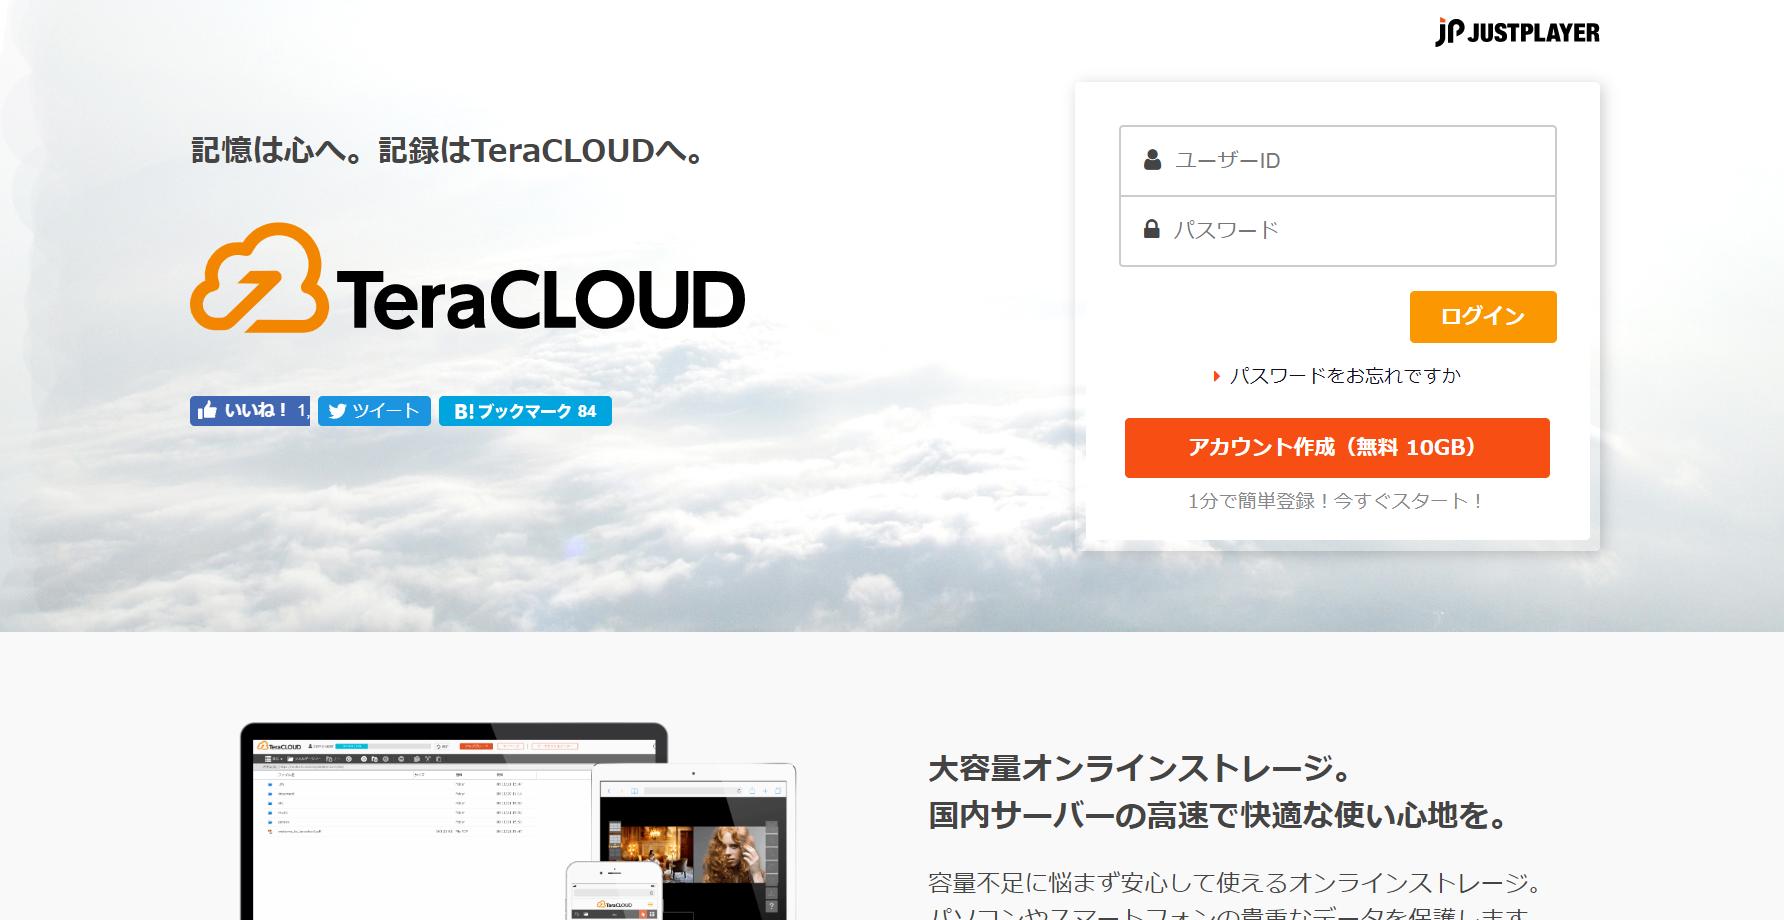 TeraCloud